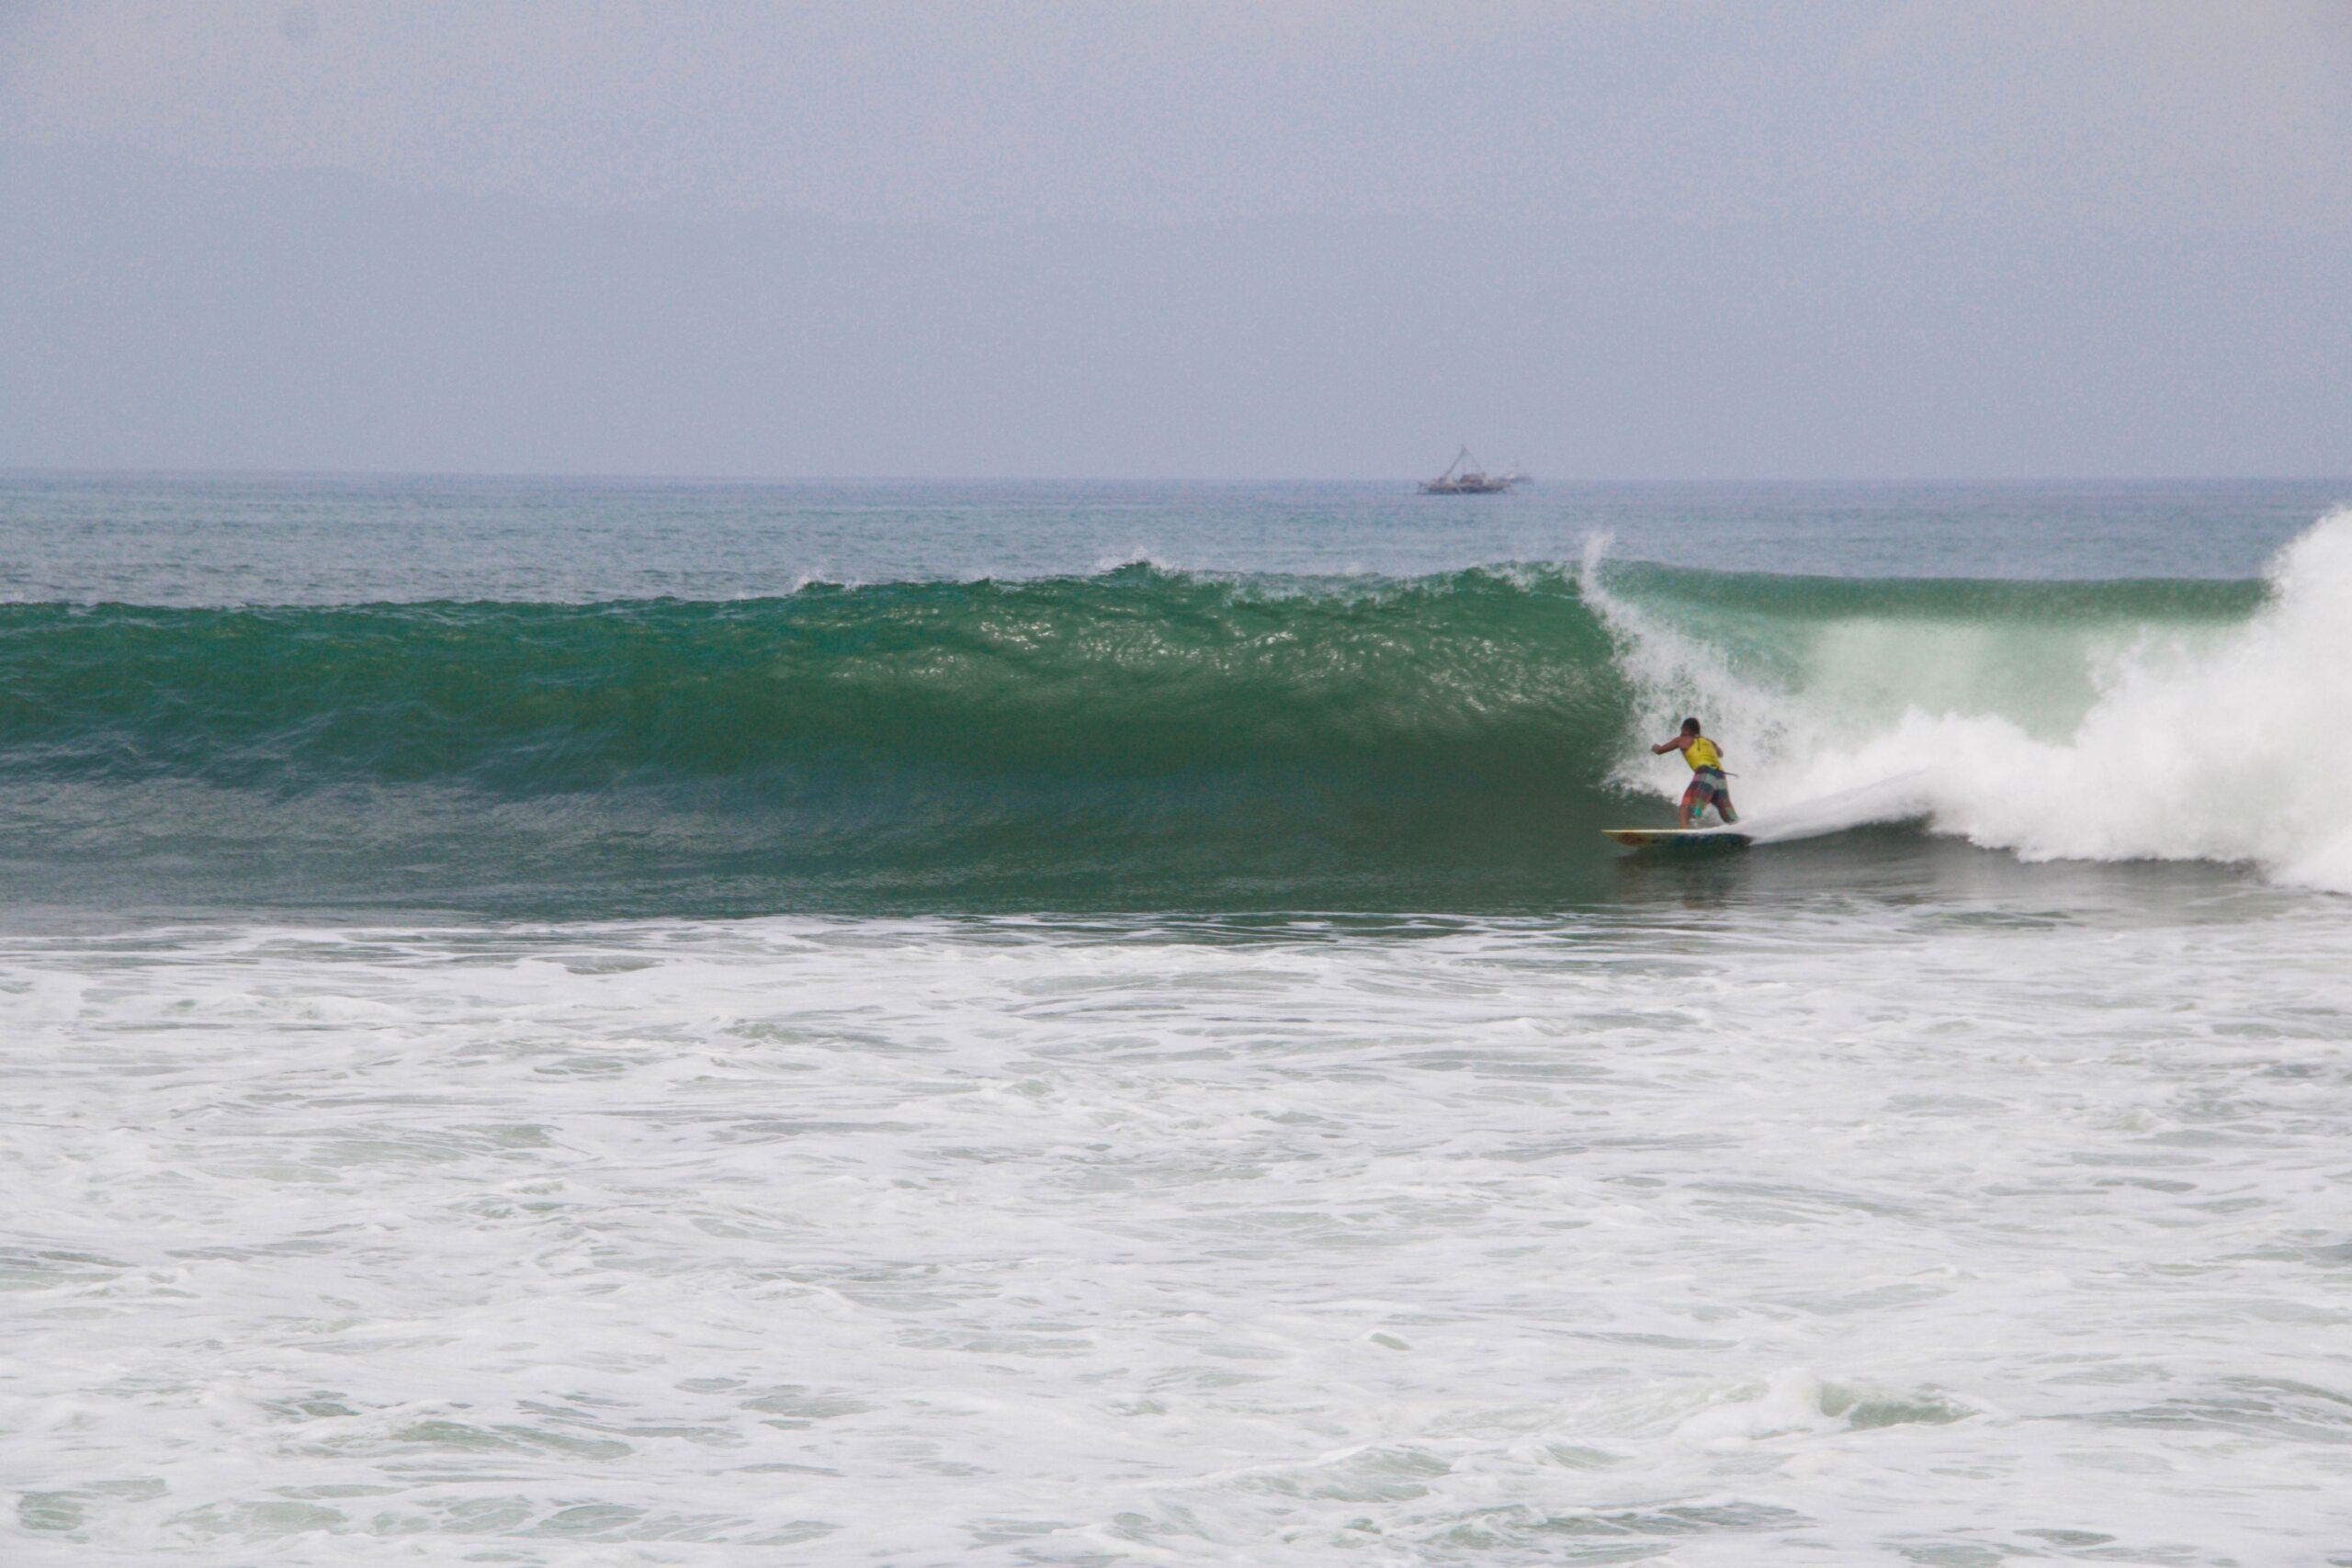 surfing cimaja waves java indonesia